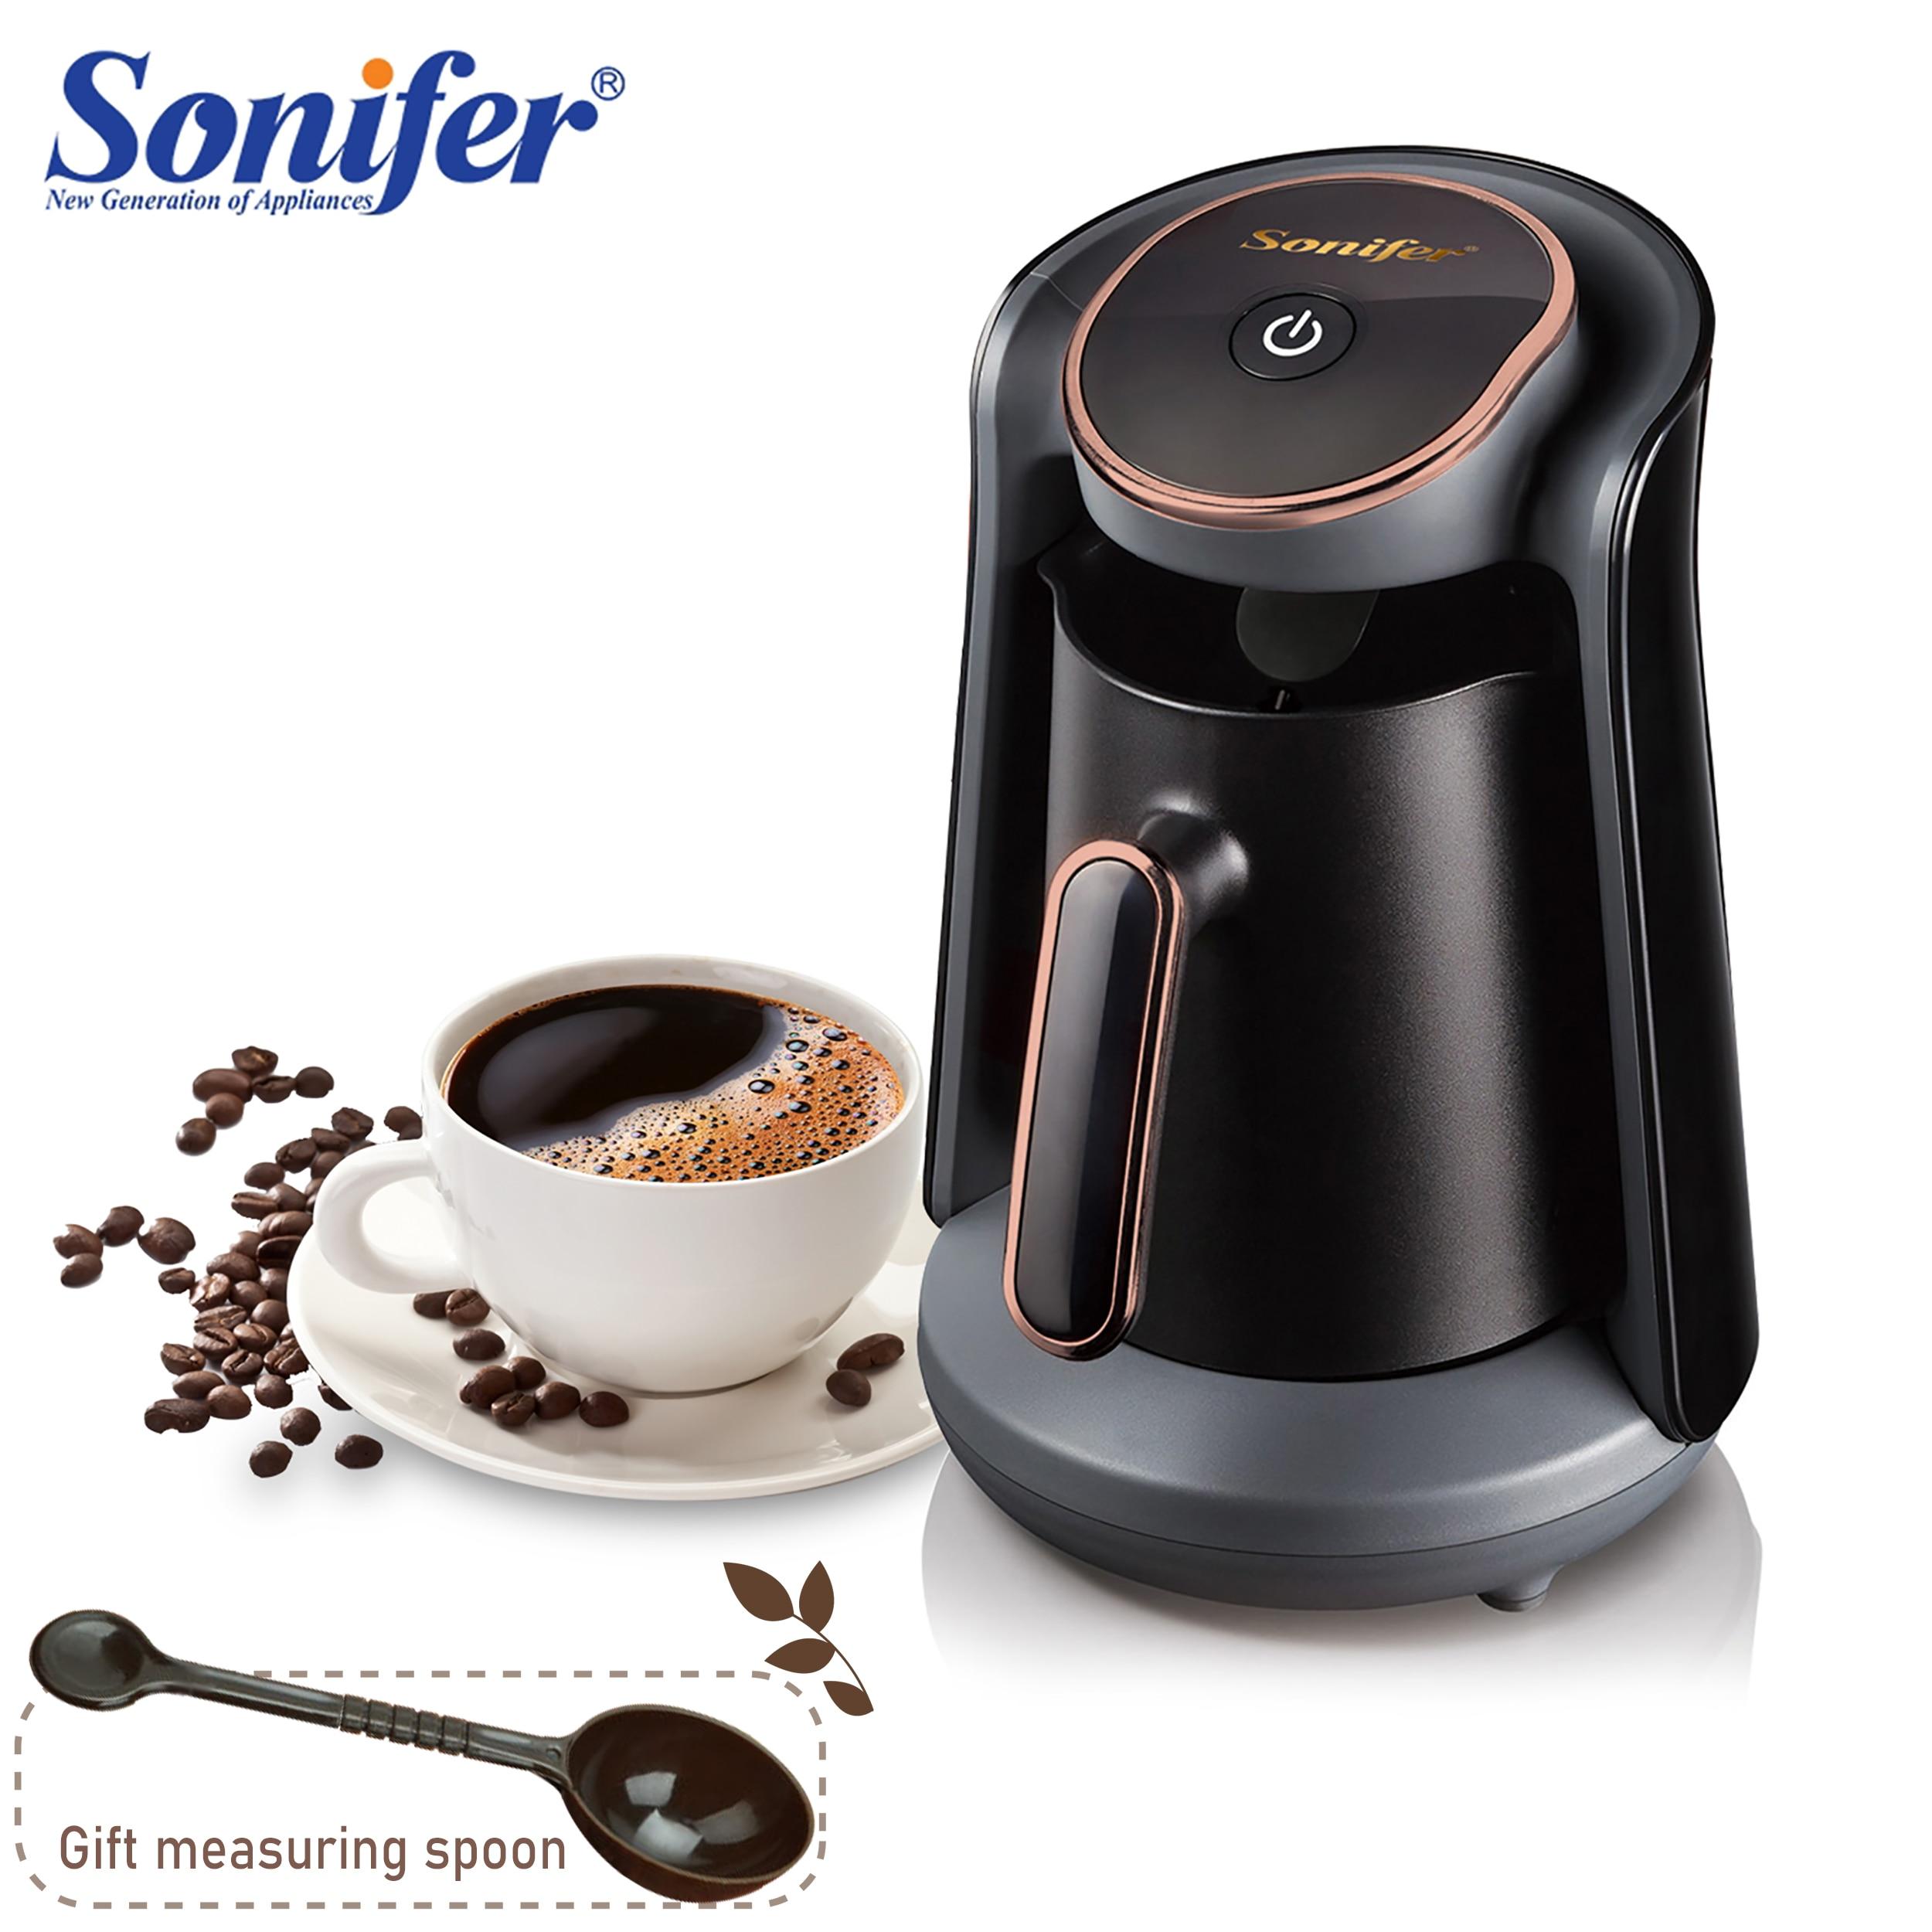 800W automatique turc cafetière Machine sans fil électrique cafetière de qualité alimentaire Moka café bouilloire pour cadeau 220V Sonifer